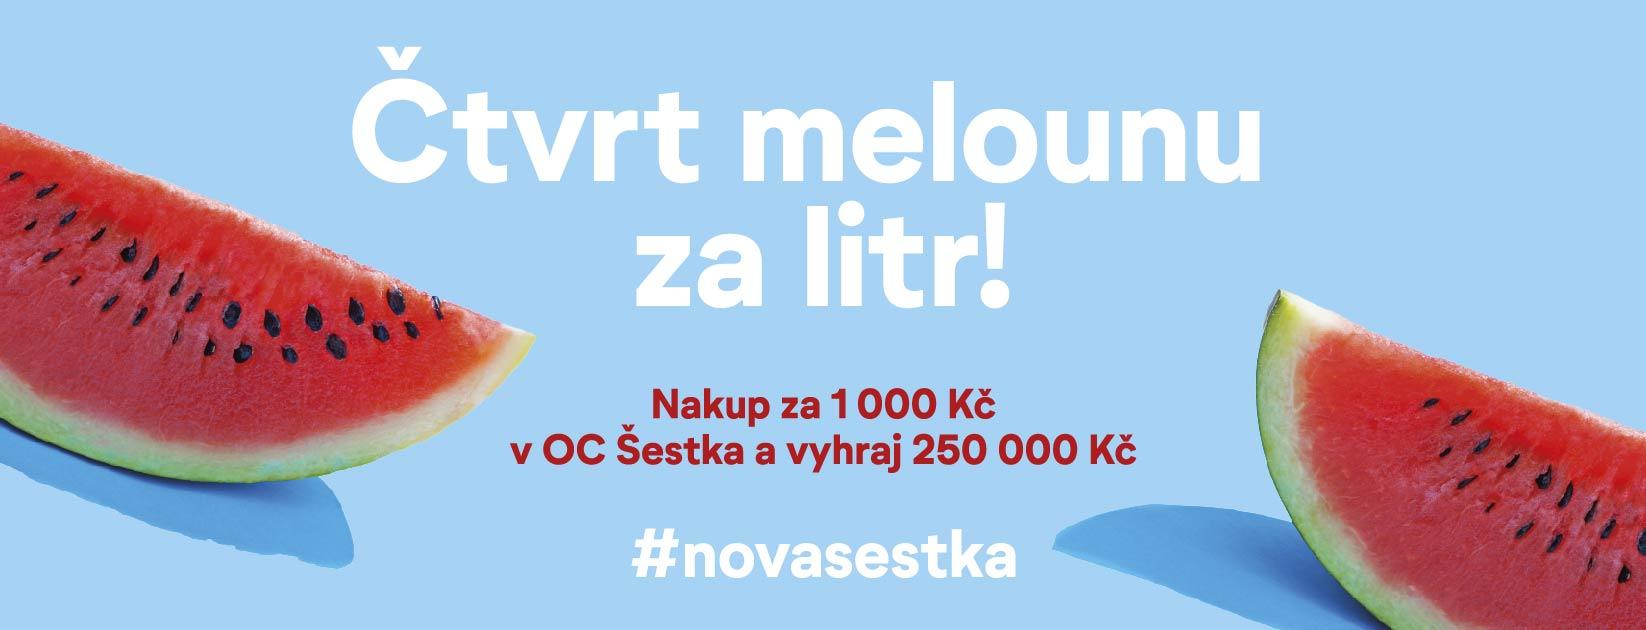 VELKÁ SOUTĚŽ ČTVRT MELOUNU ZA LITR aneb nakupte za 1.000 a vyhrajte 250.000 - Kč! - www.oc-sestka.cz